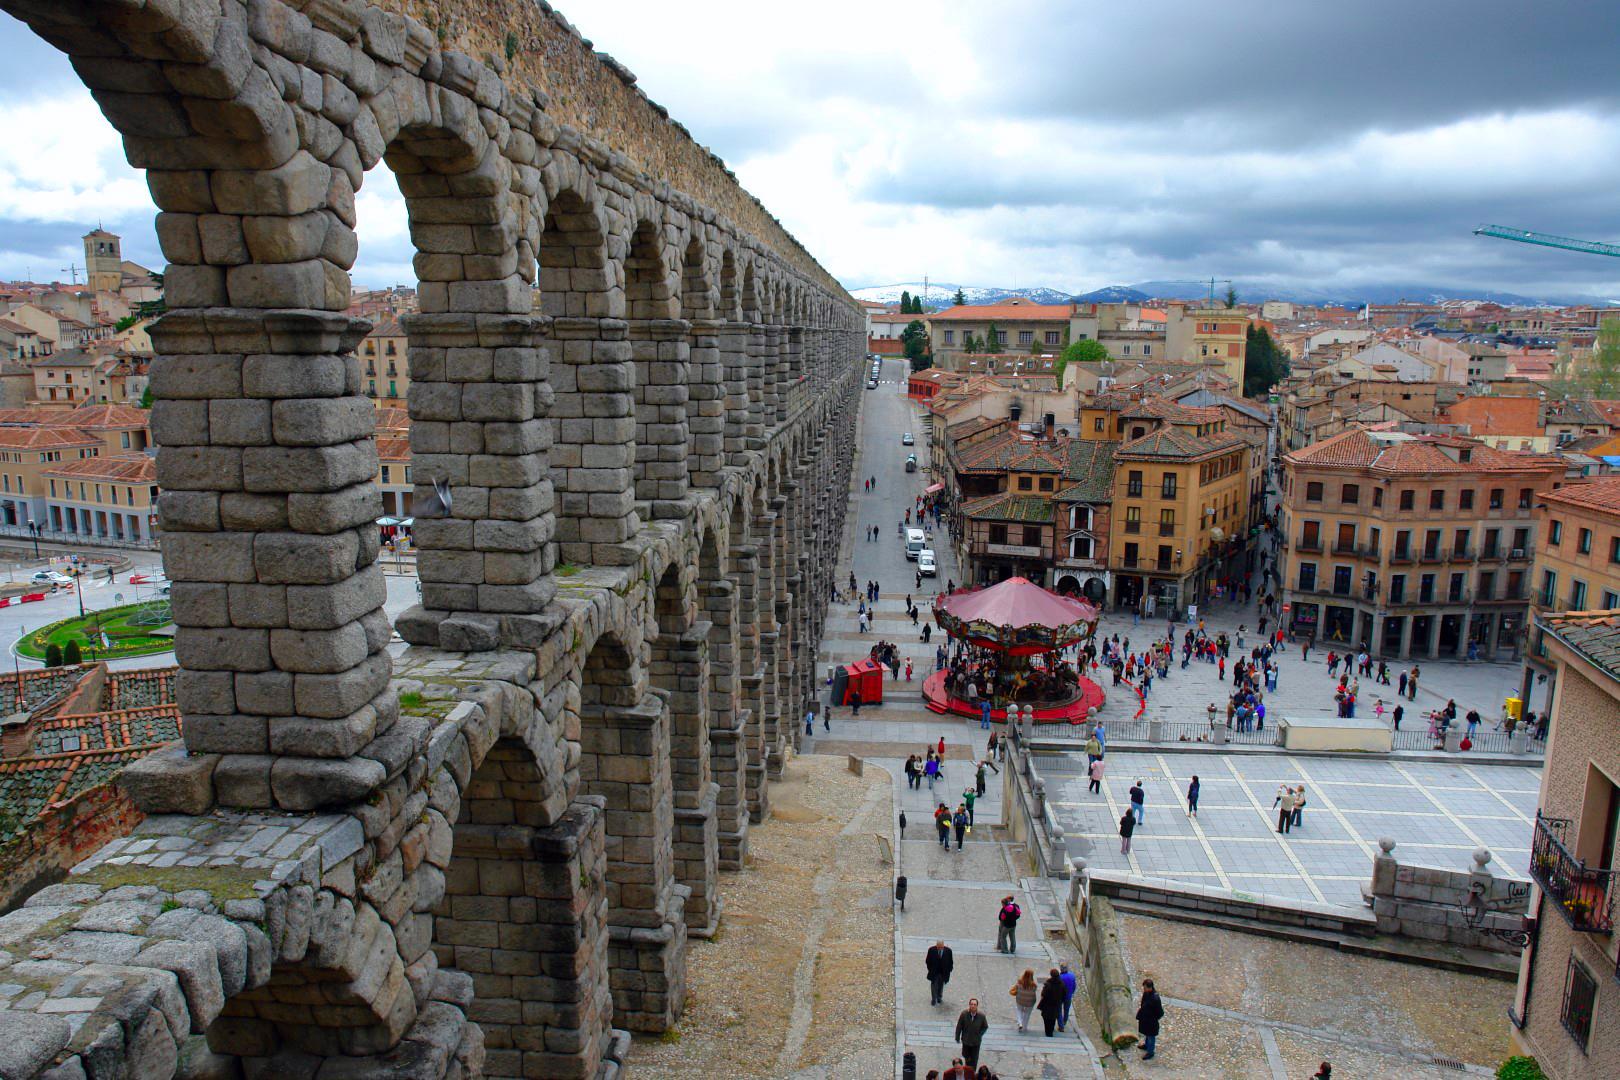 Qué ver Segovia, España qué ver en segovia - 31097726855 6ccc5de3ee o - Qué ver en Segovia, España